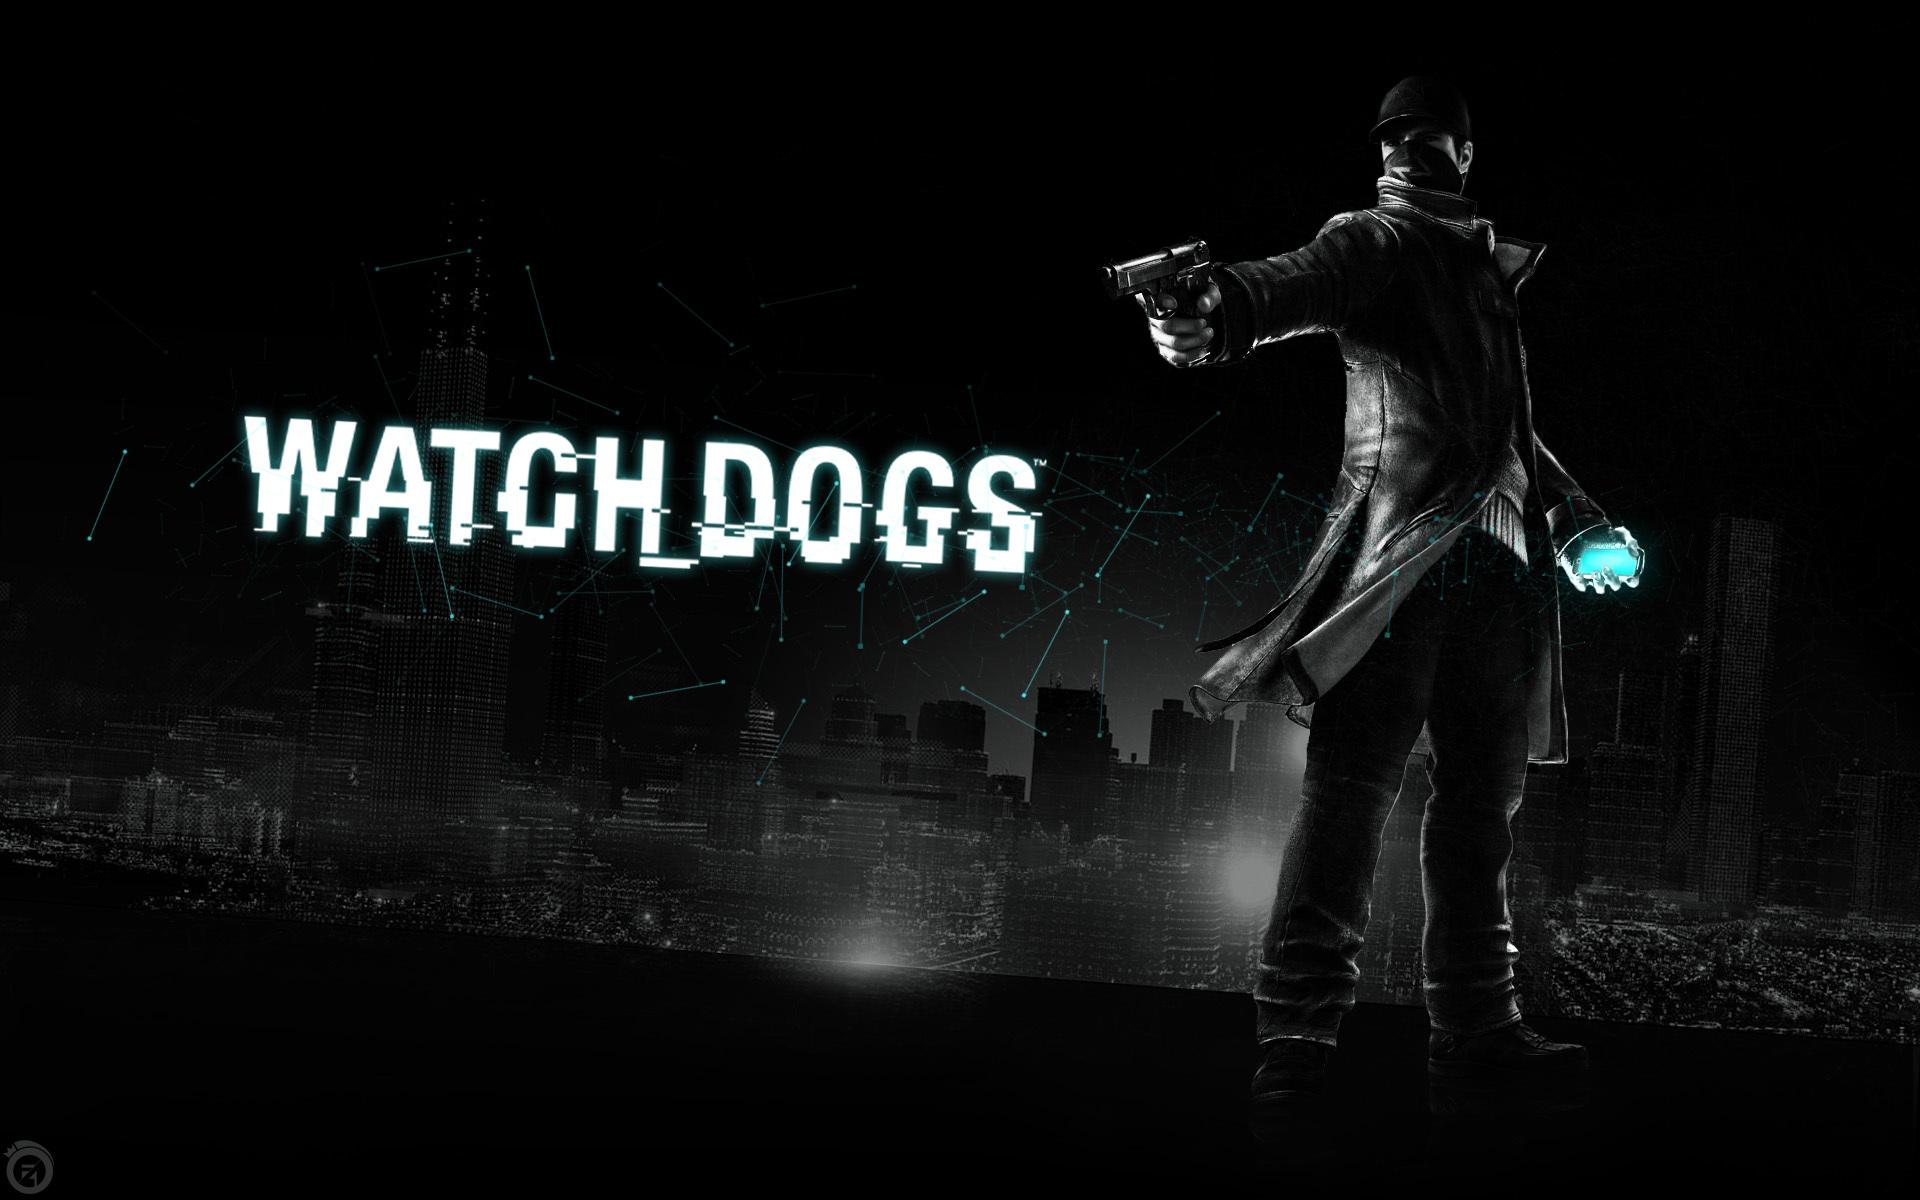 Watch Dogs: черный город - обои для рабочего стола, картинки, фото